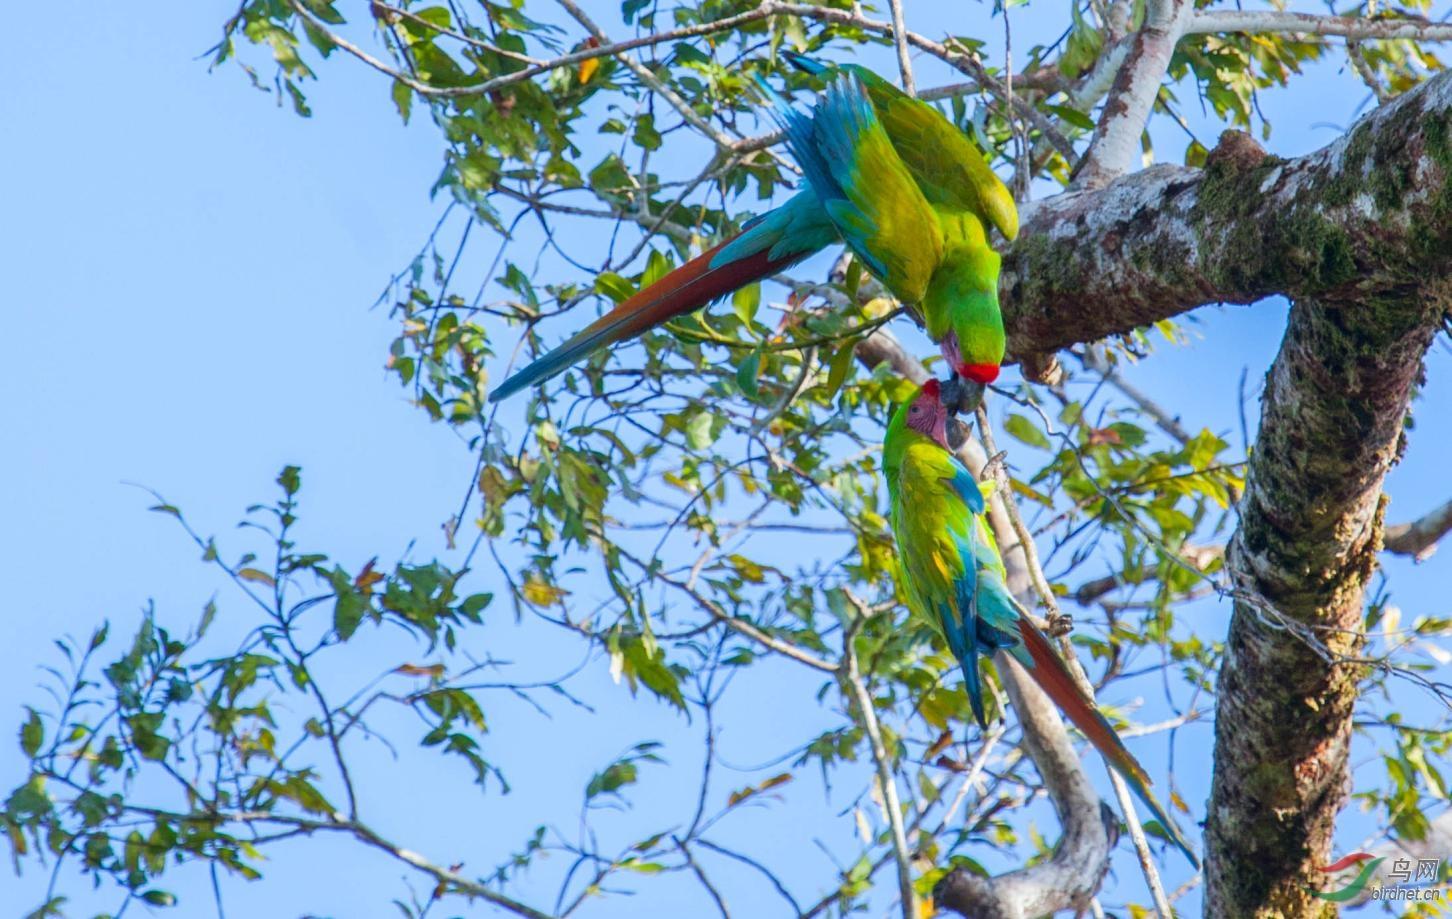 16天哥斯达黎加拍鸟团_页面_24_图像_0002.jpg